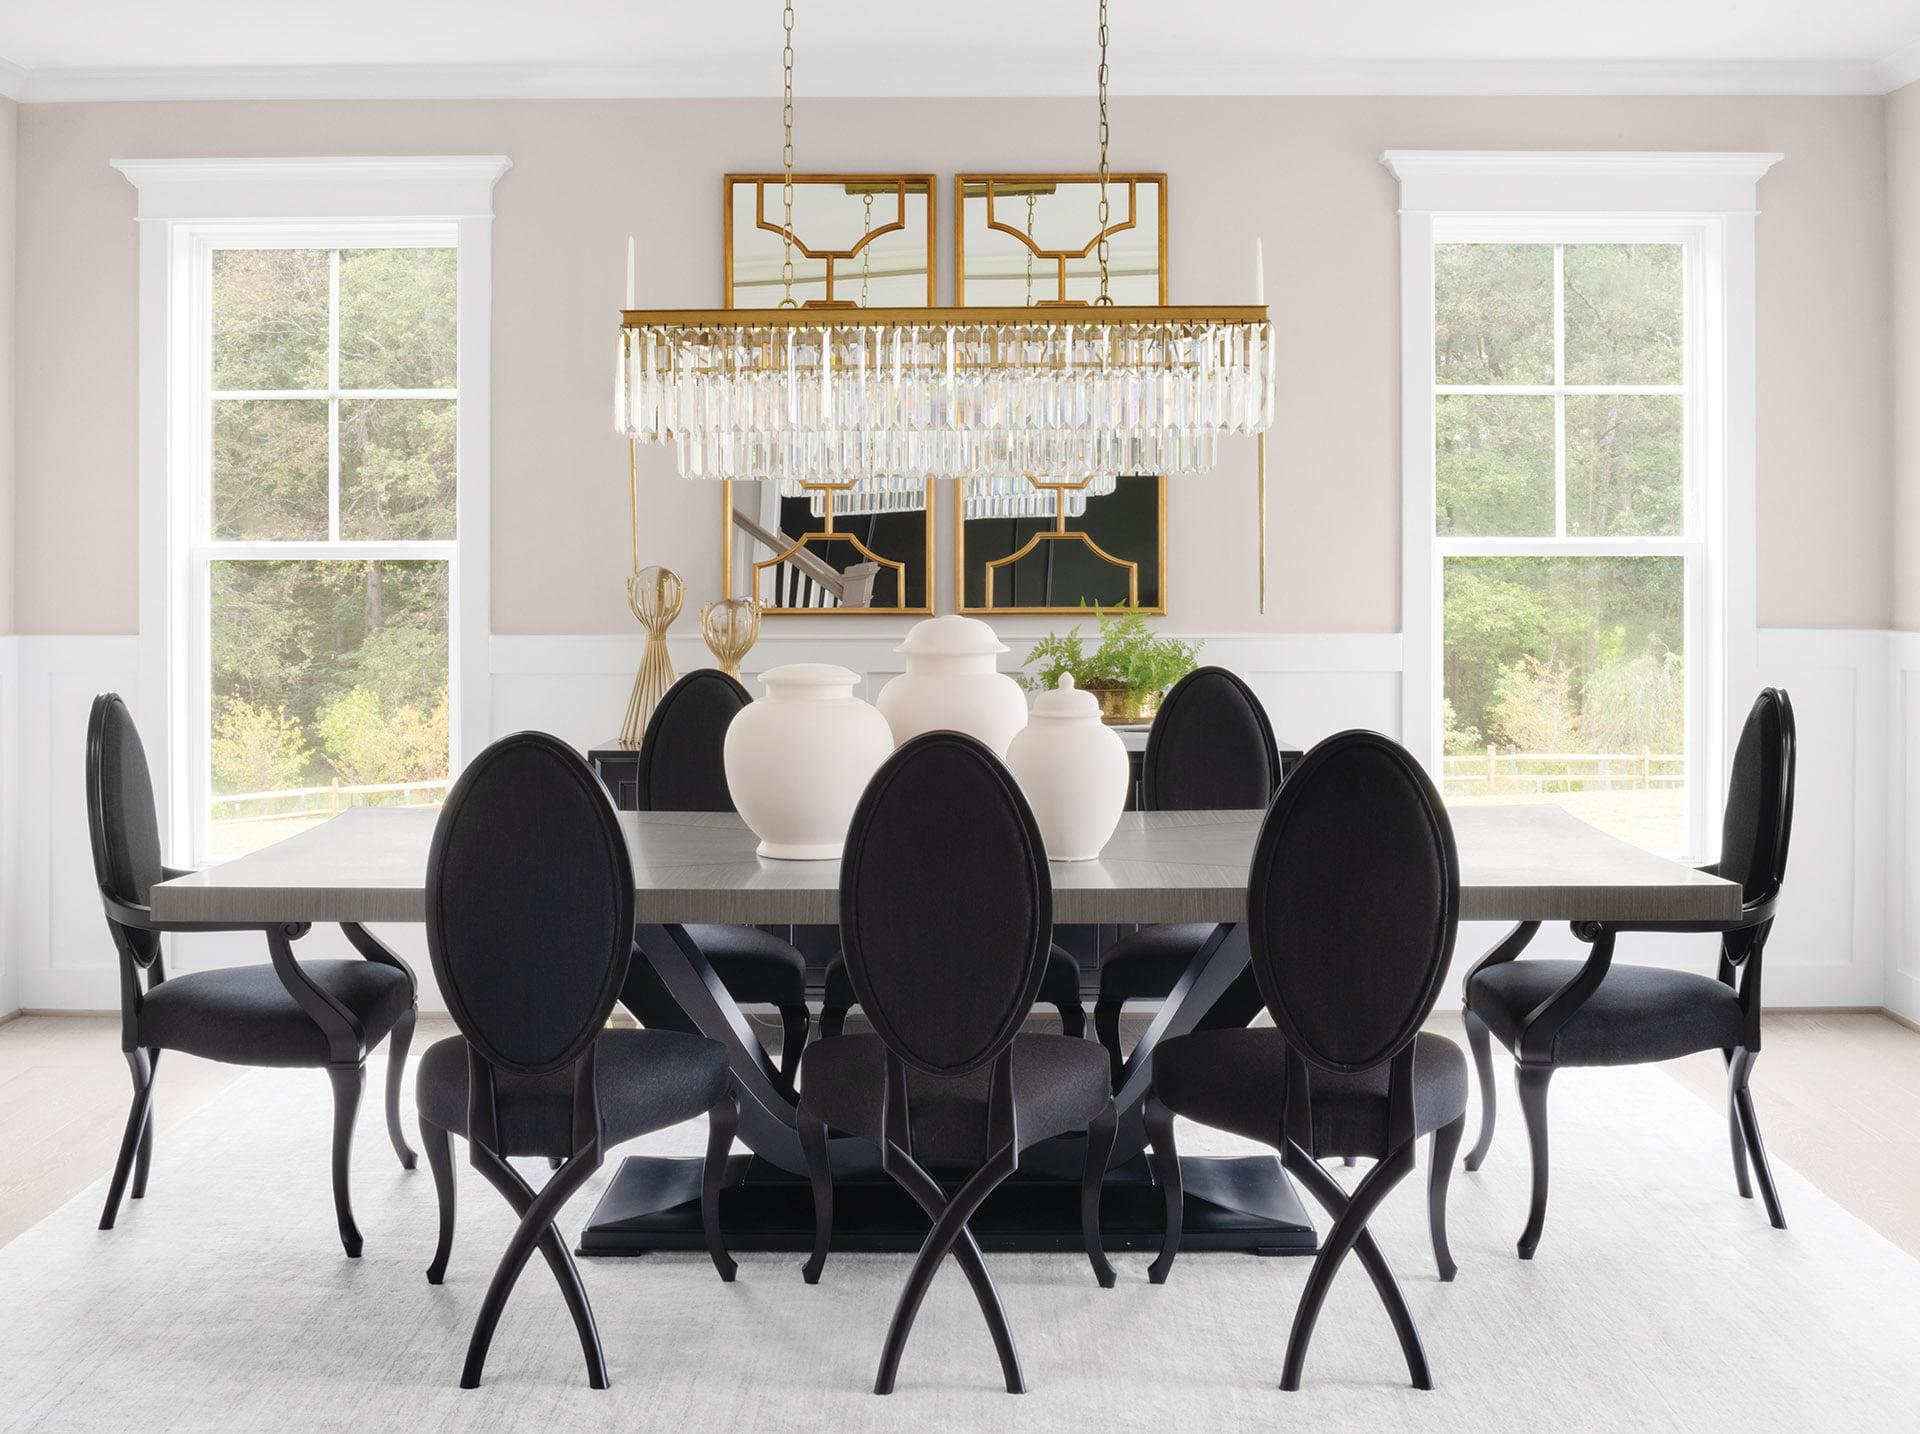 工匠风格的Fairfax住所由Evergreene住宅建造。用餐室配有优雅的arhaus枝形吊灯。